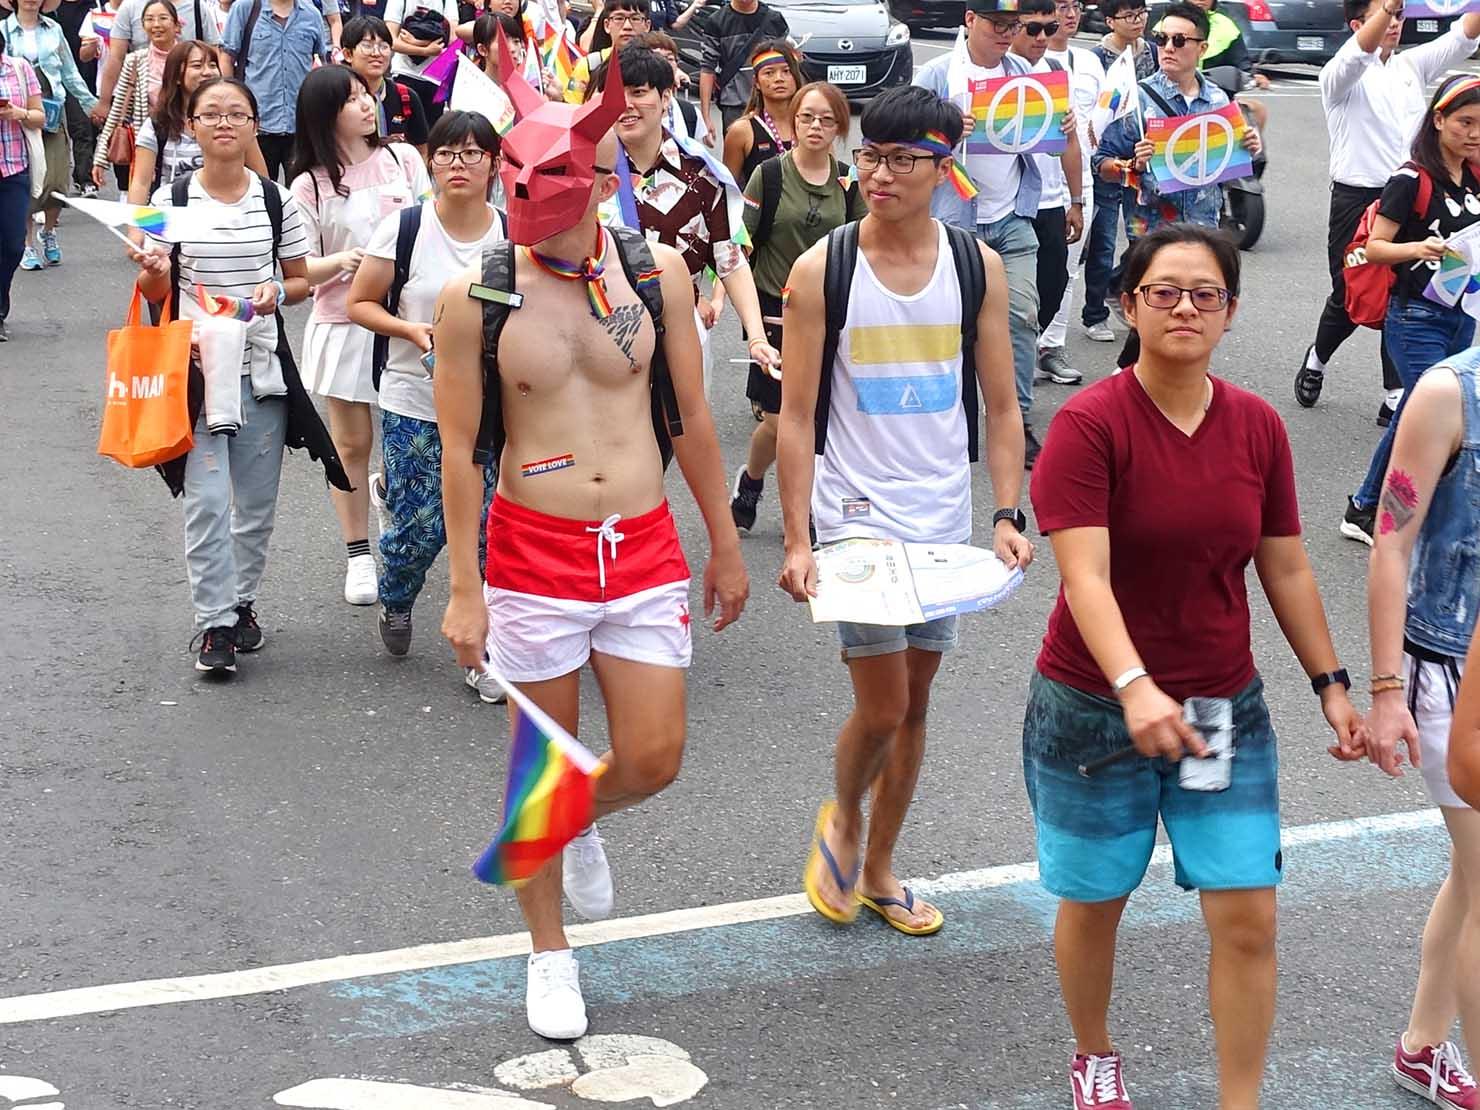 高雄同志大遊行(高雄プライド)2018のパレードをコスプレで歩く参加者